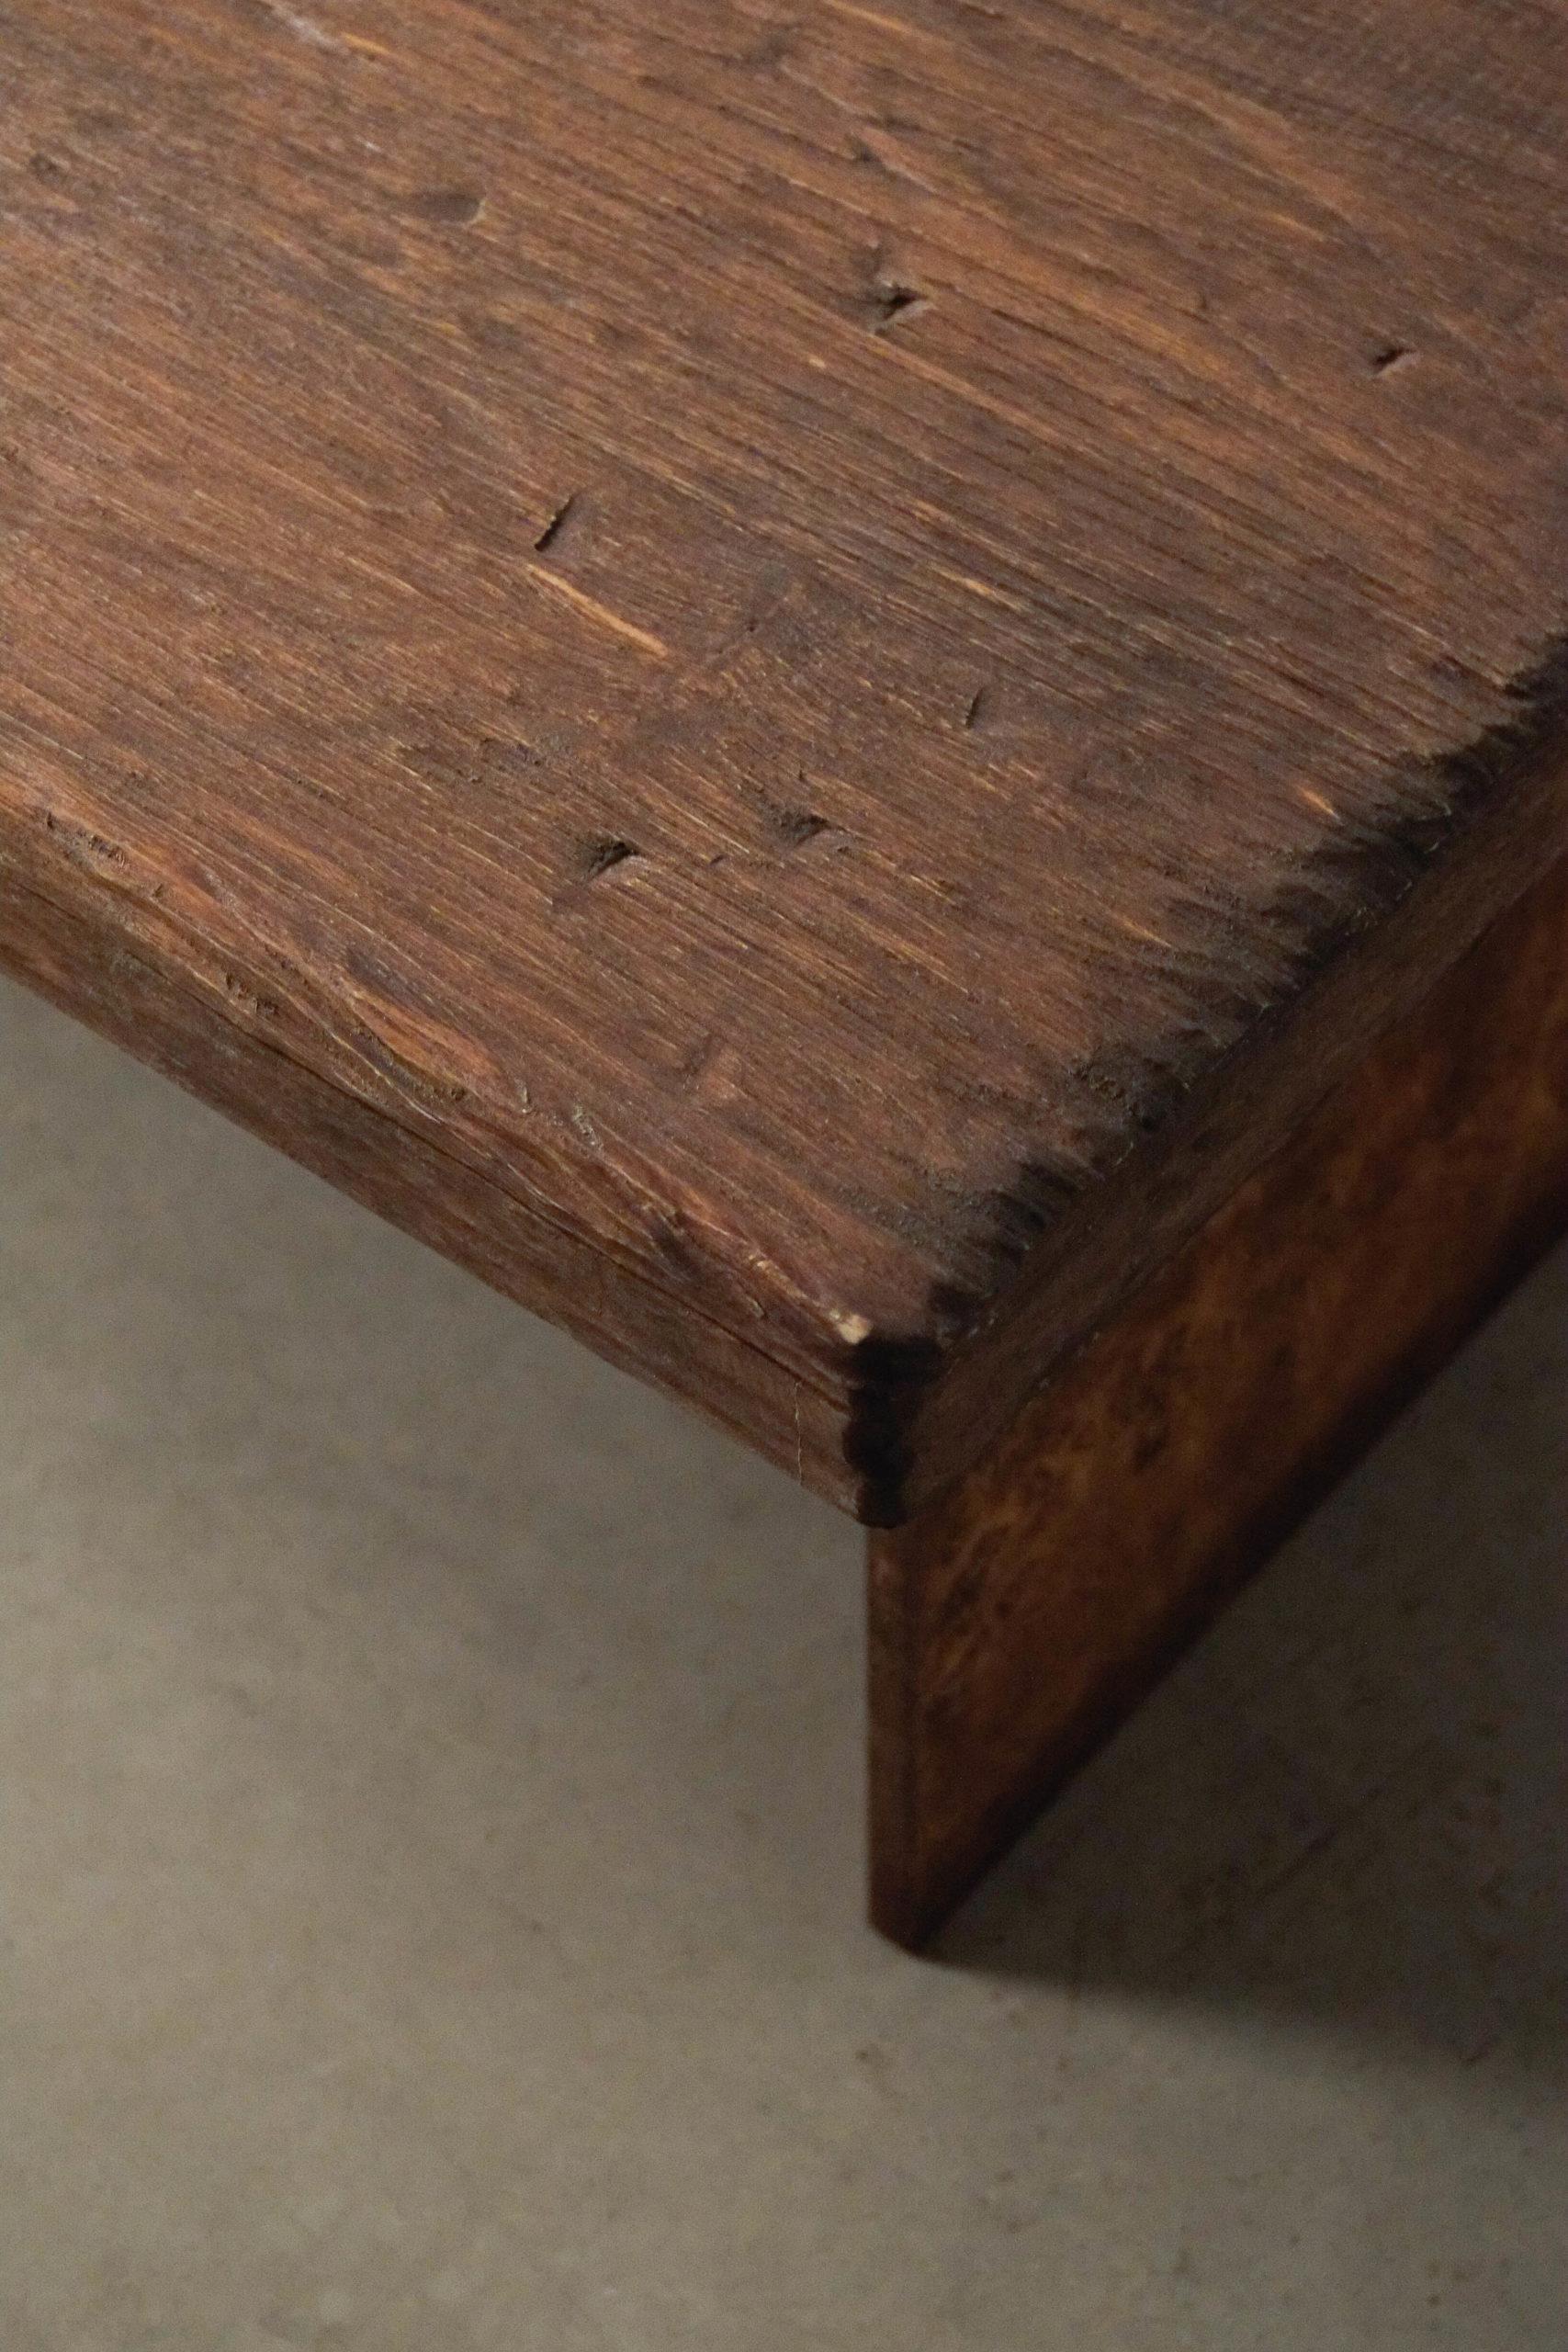 detalle de calidad mesa de diselño hecha a mano envejecido madera